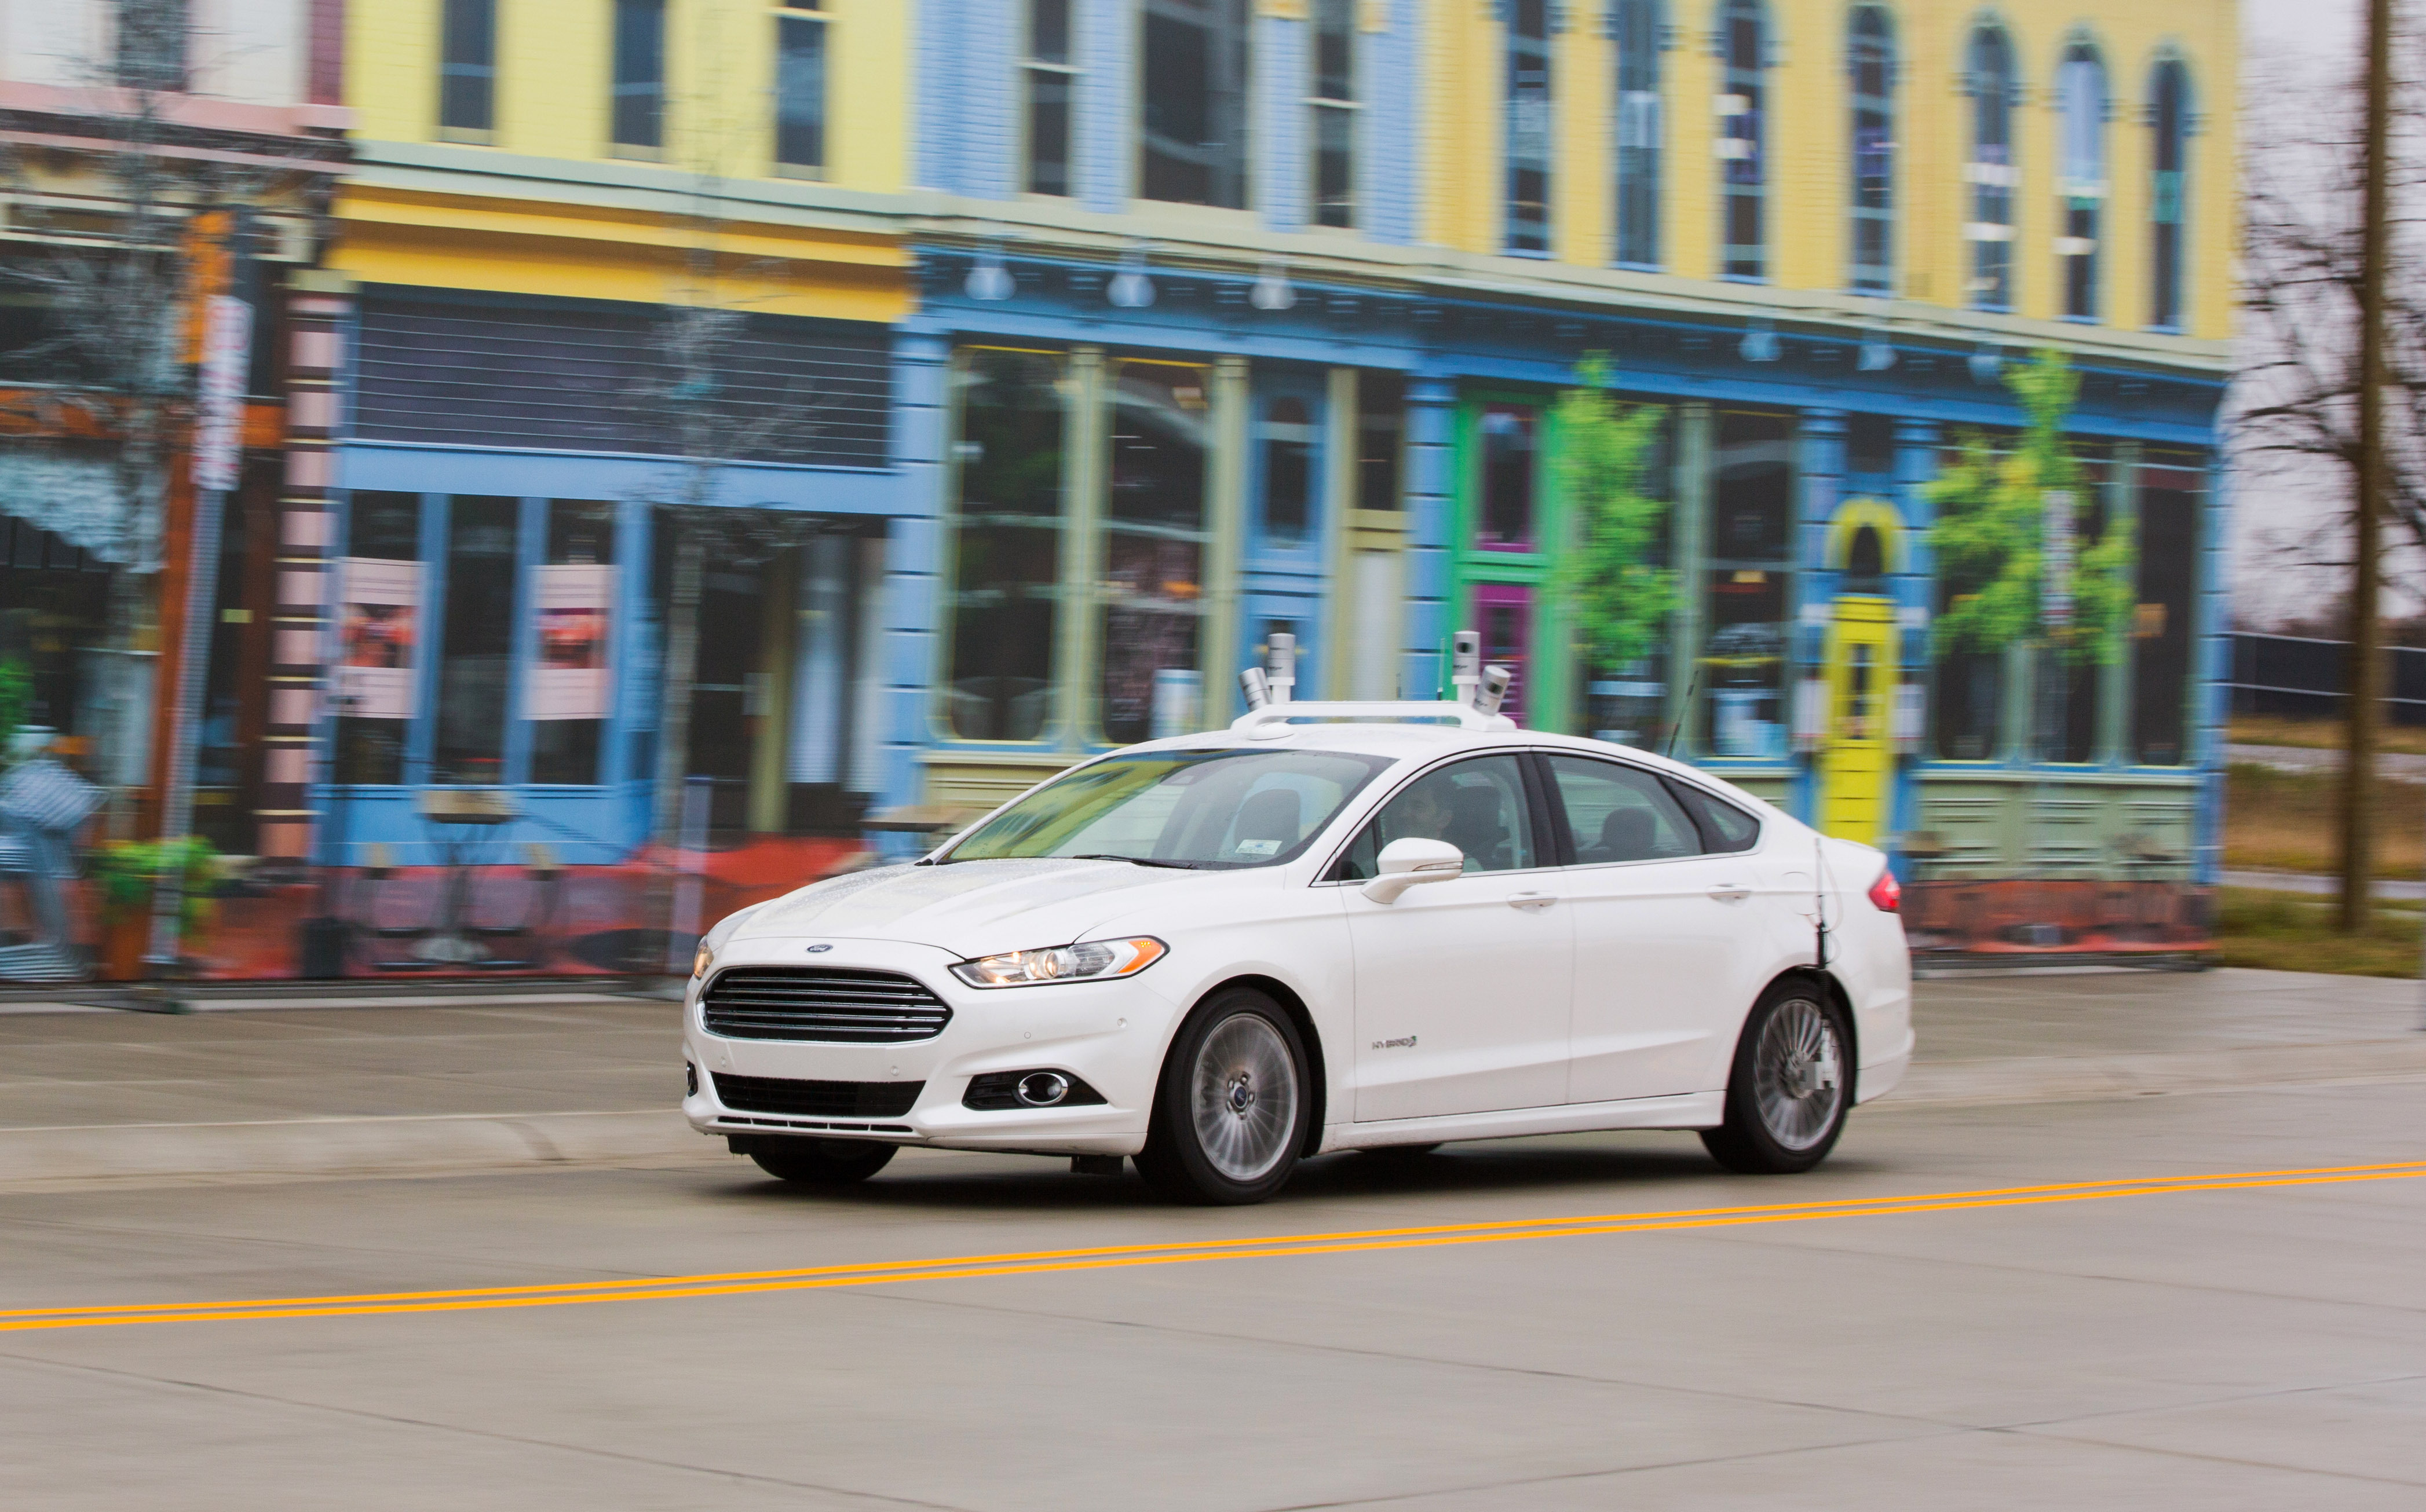 Ford Tripling Autonomous Vehicle Development Fleet, Accelerating ...